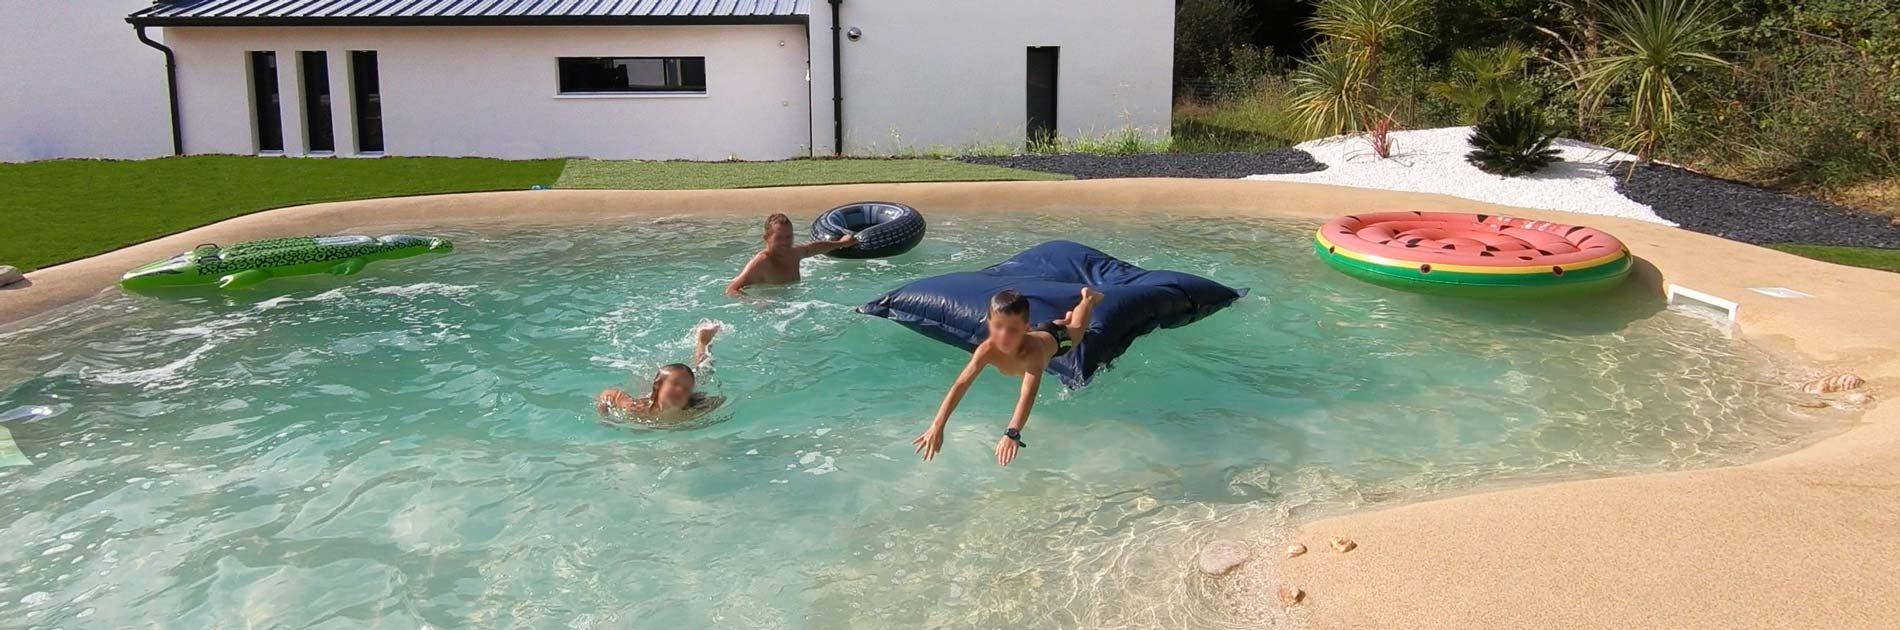 revetement pour parc aquatique